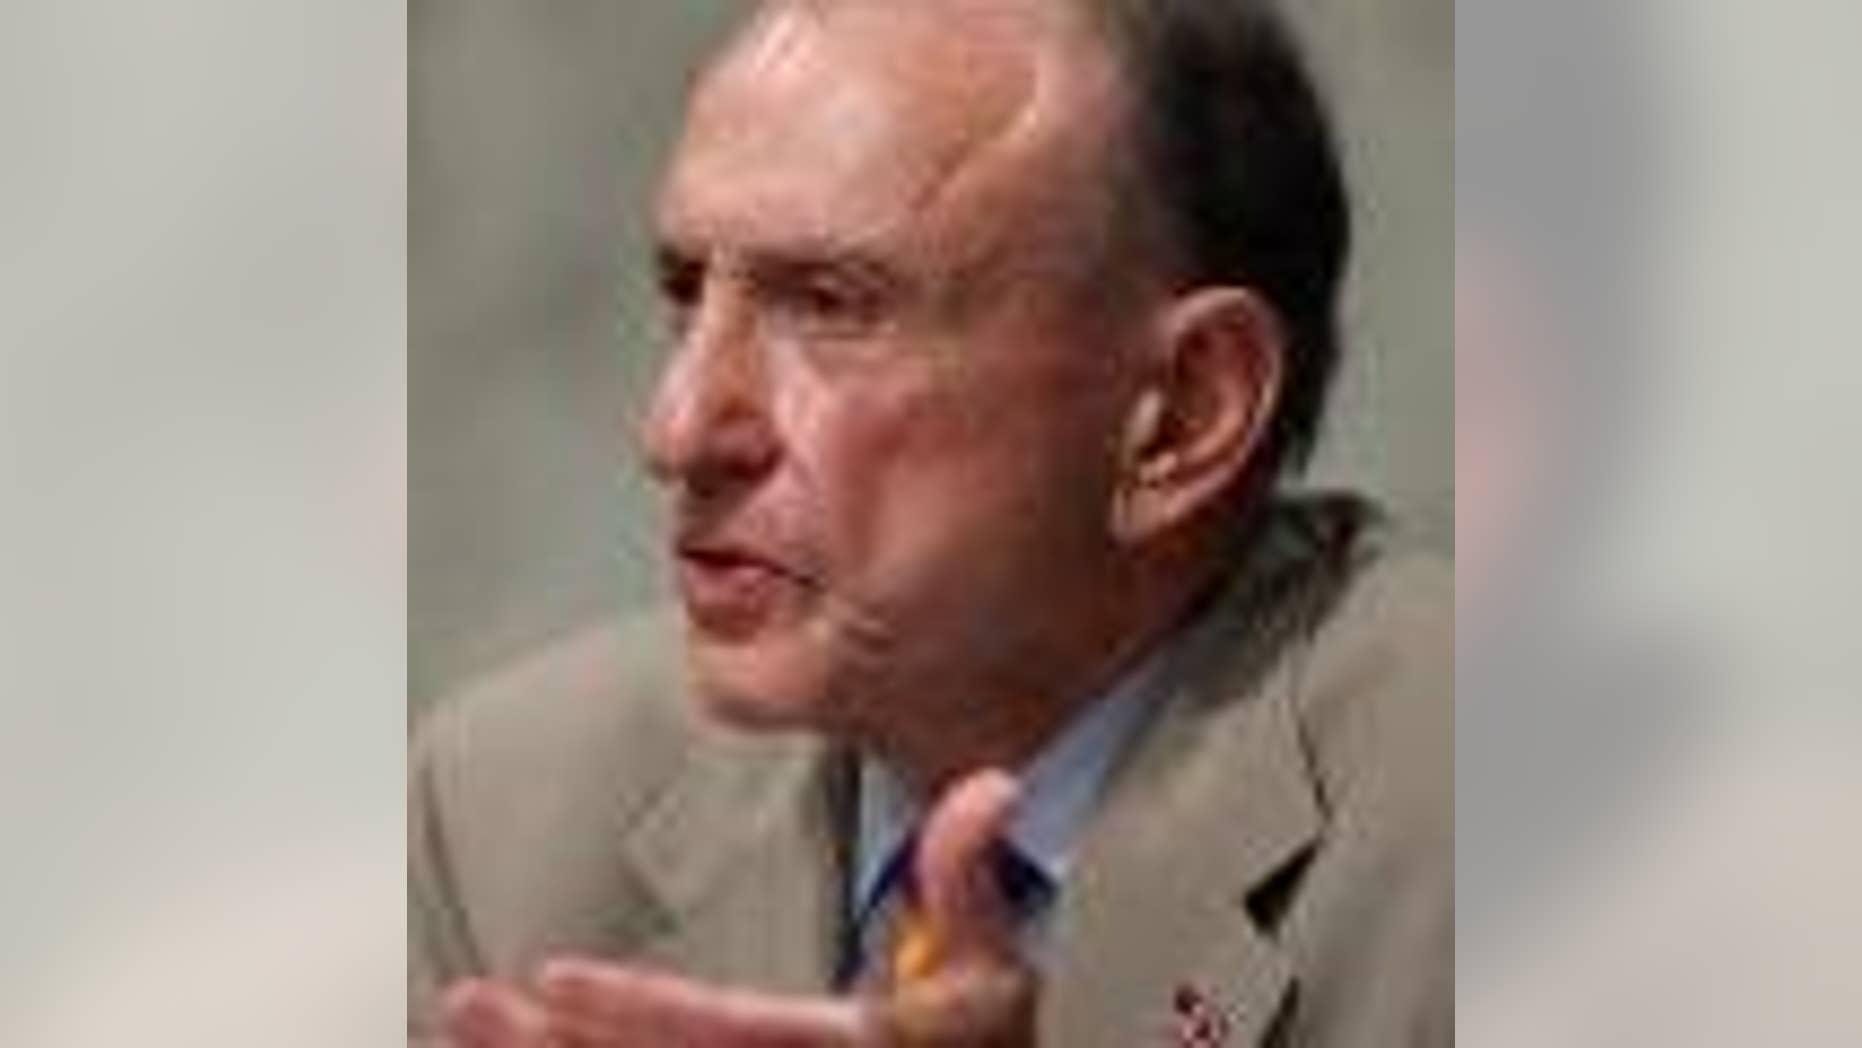 Former Senator Arlen Specter